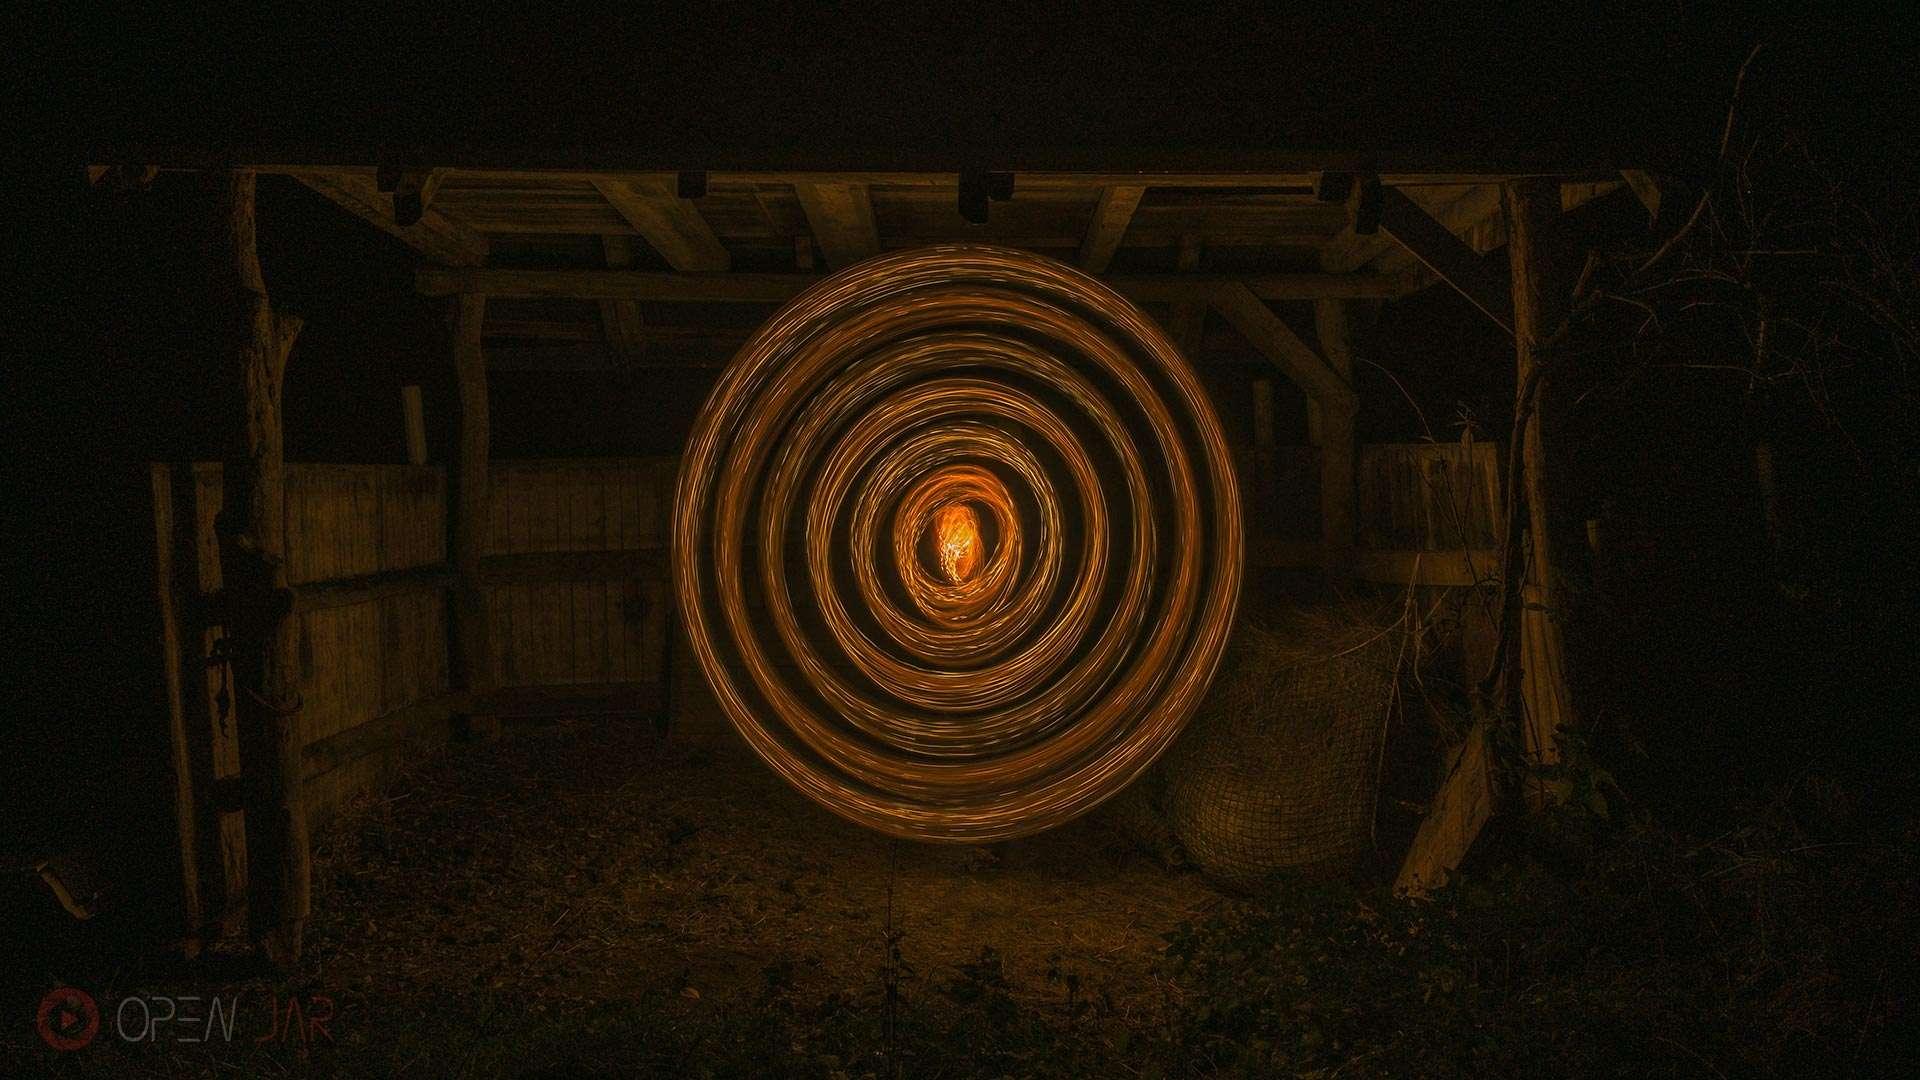 Lichterkette wird in einem Stall zu einem Kresi geschleudert